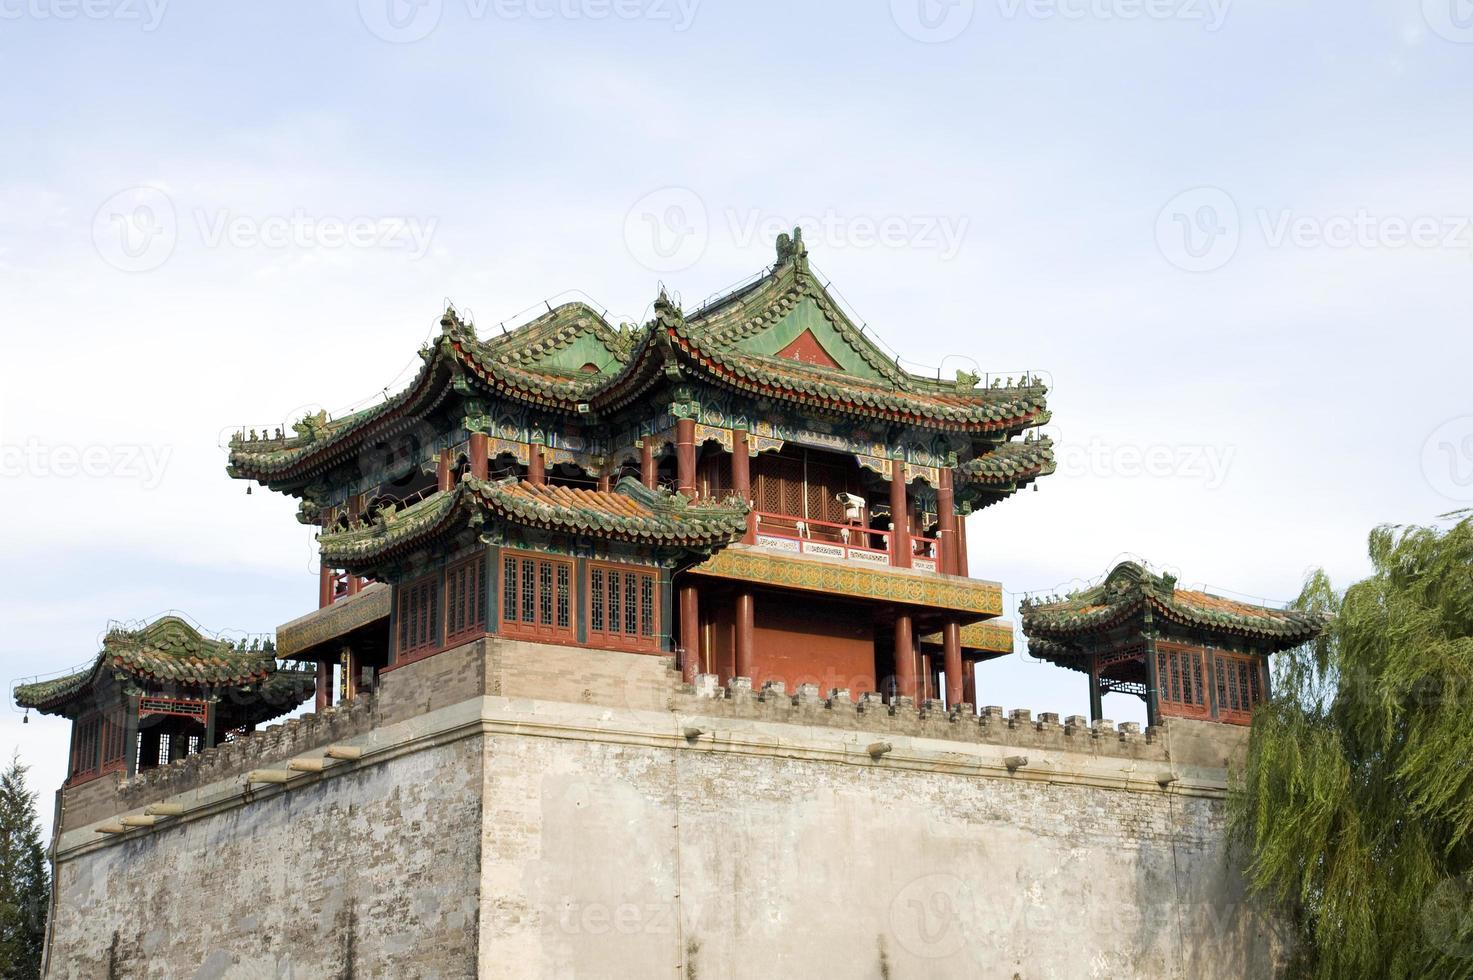 edificio antico asiatico foto